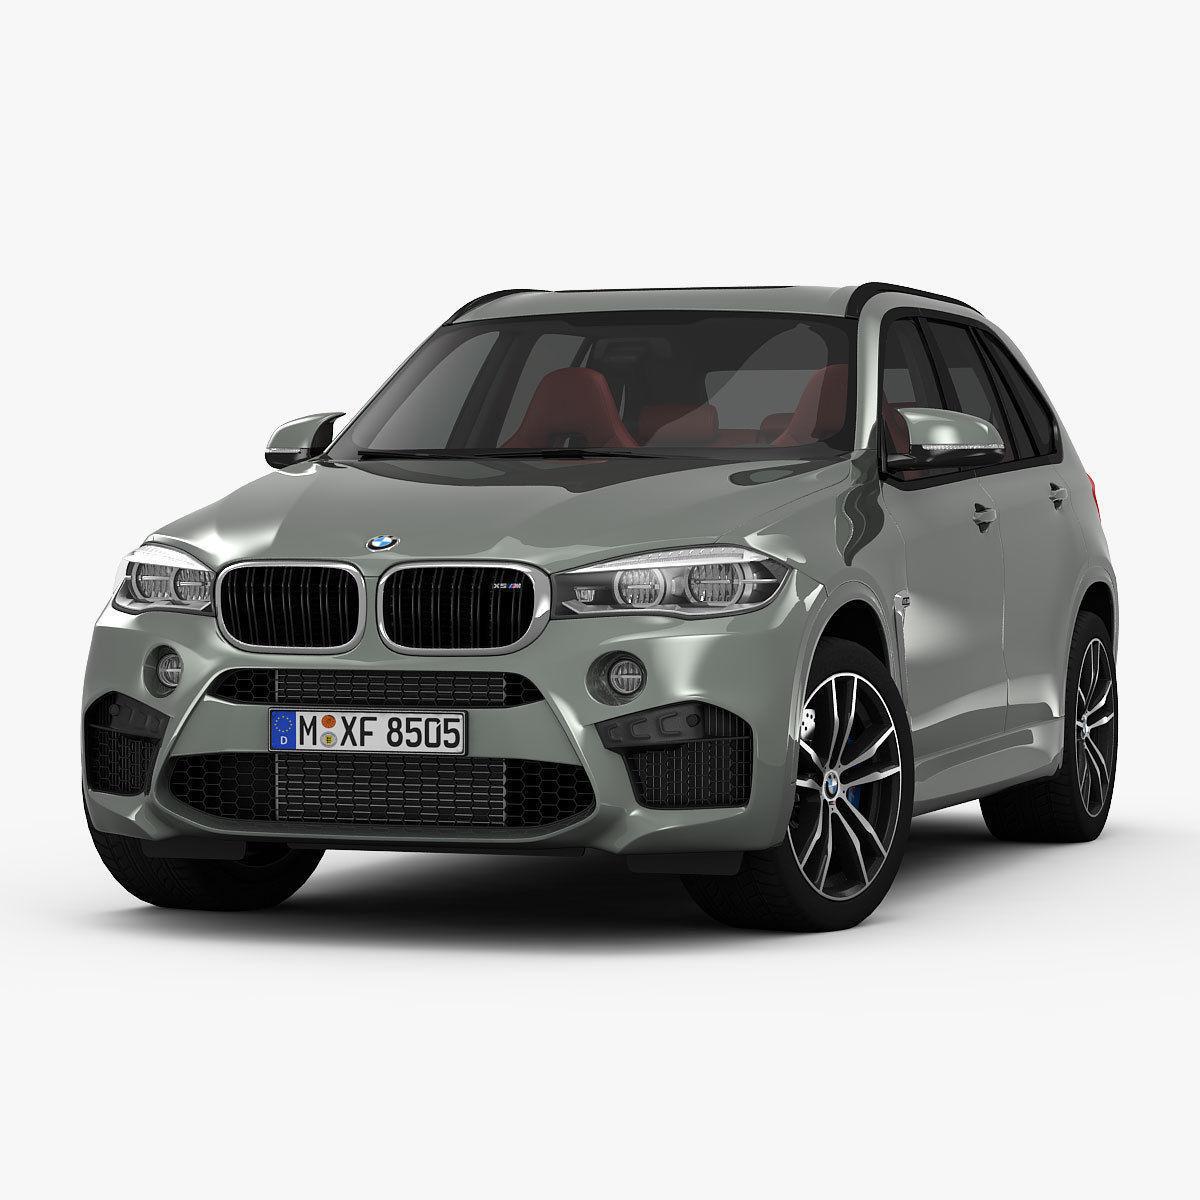 ремонт BMW X5 M кроссовер